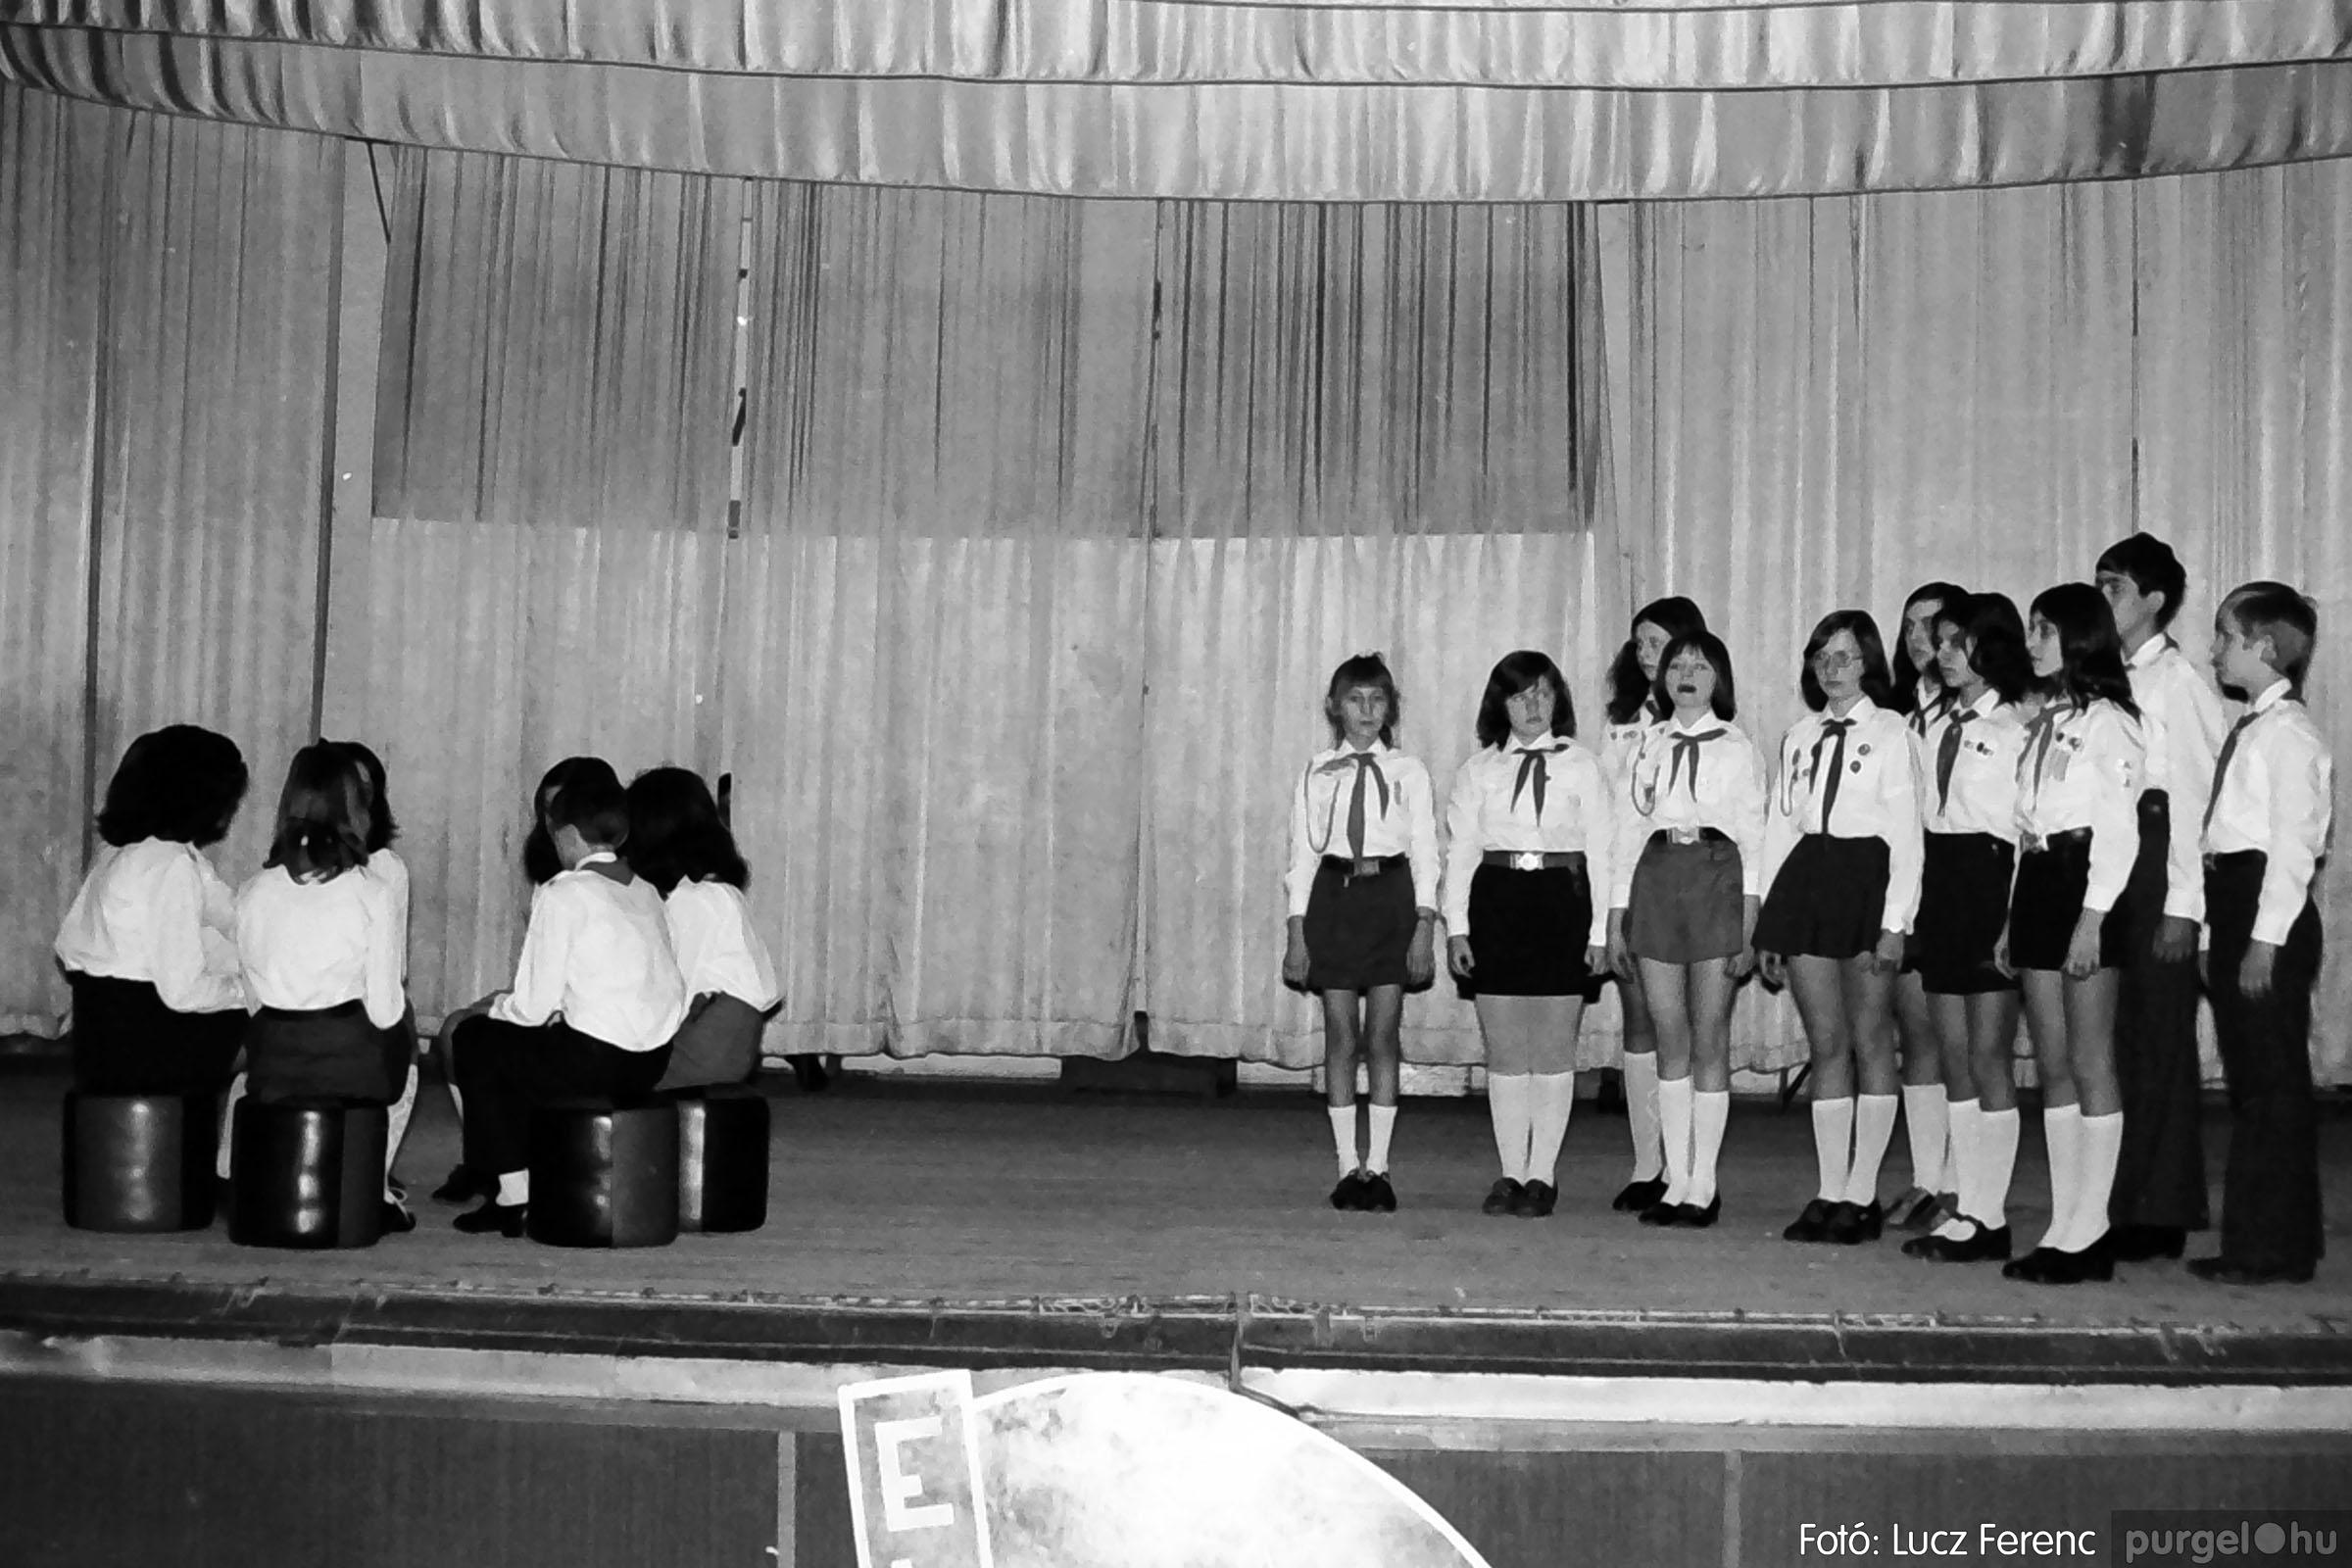 036-037. 1976. Diákprogram a kultúrházban 016 - Fotó: Lucz Ferenc.jpg